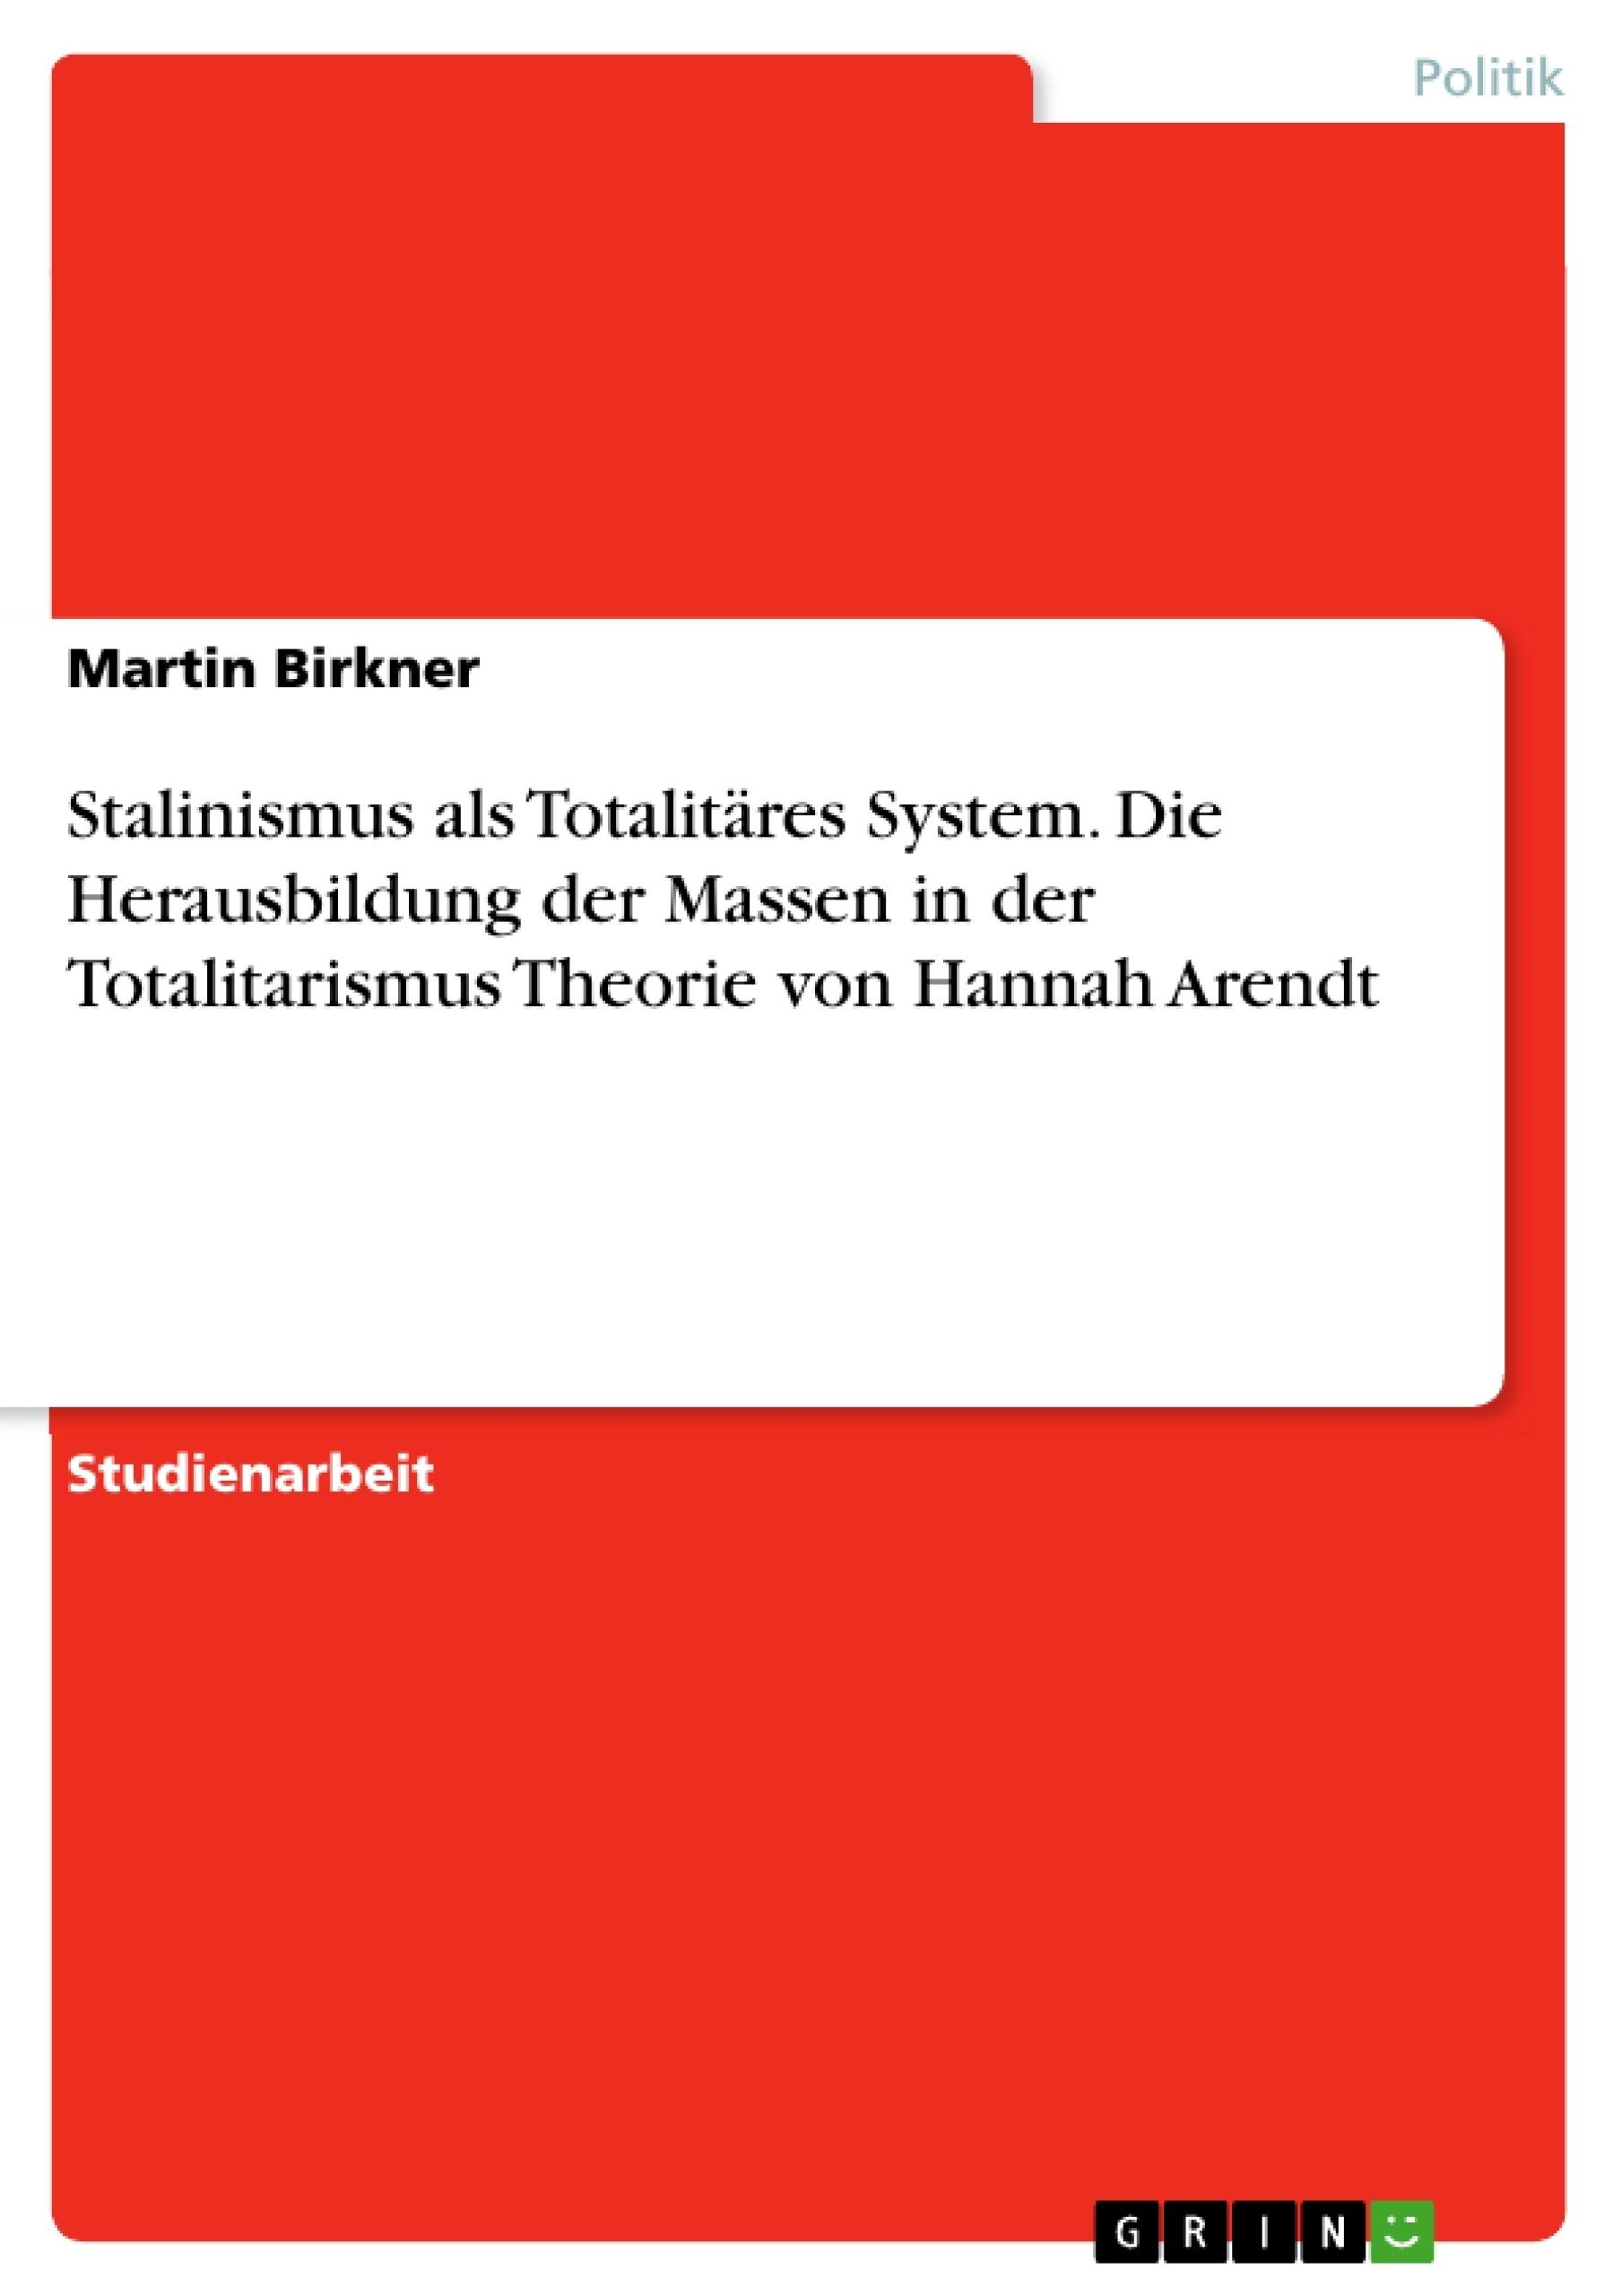 Titel: Stalinismus als Totalitäres System. Die Herausbildung der Massen in der Totalitarismus Theorie von Hannah Arendt